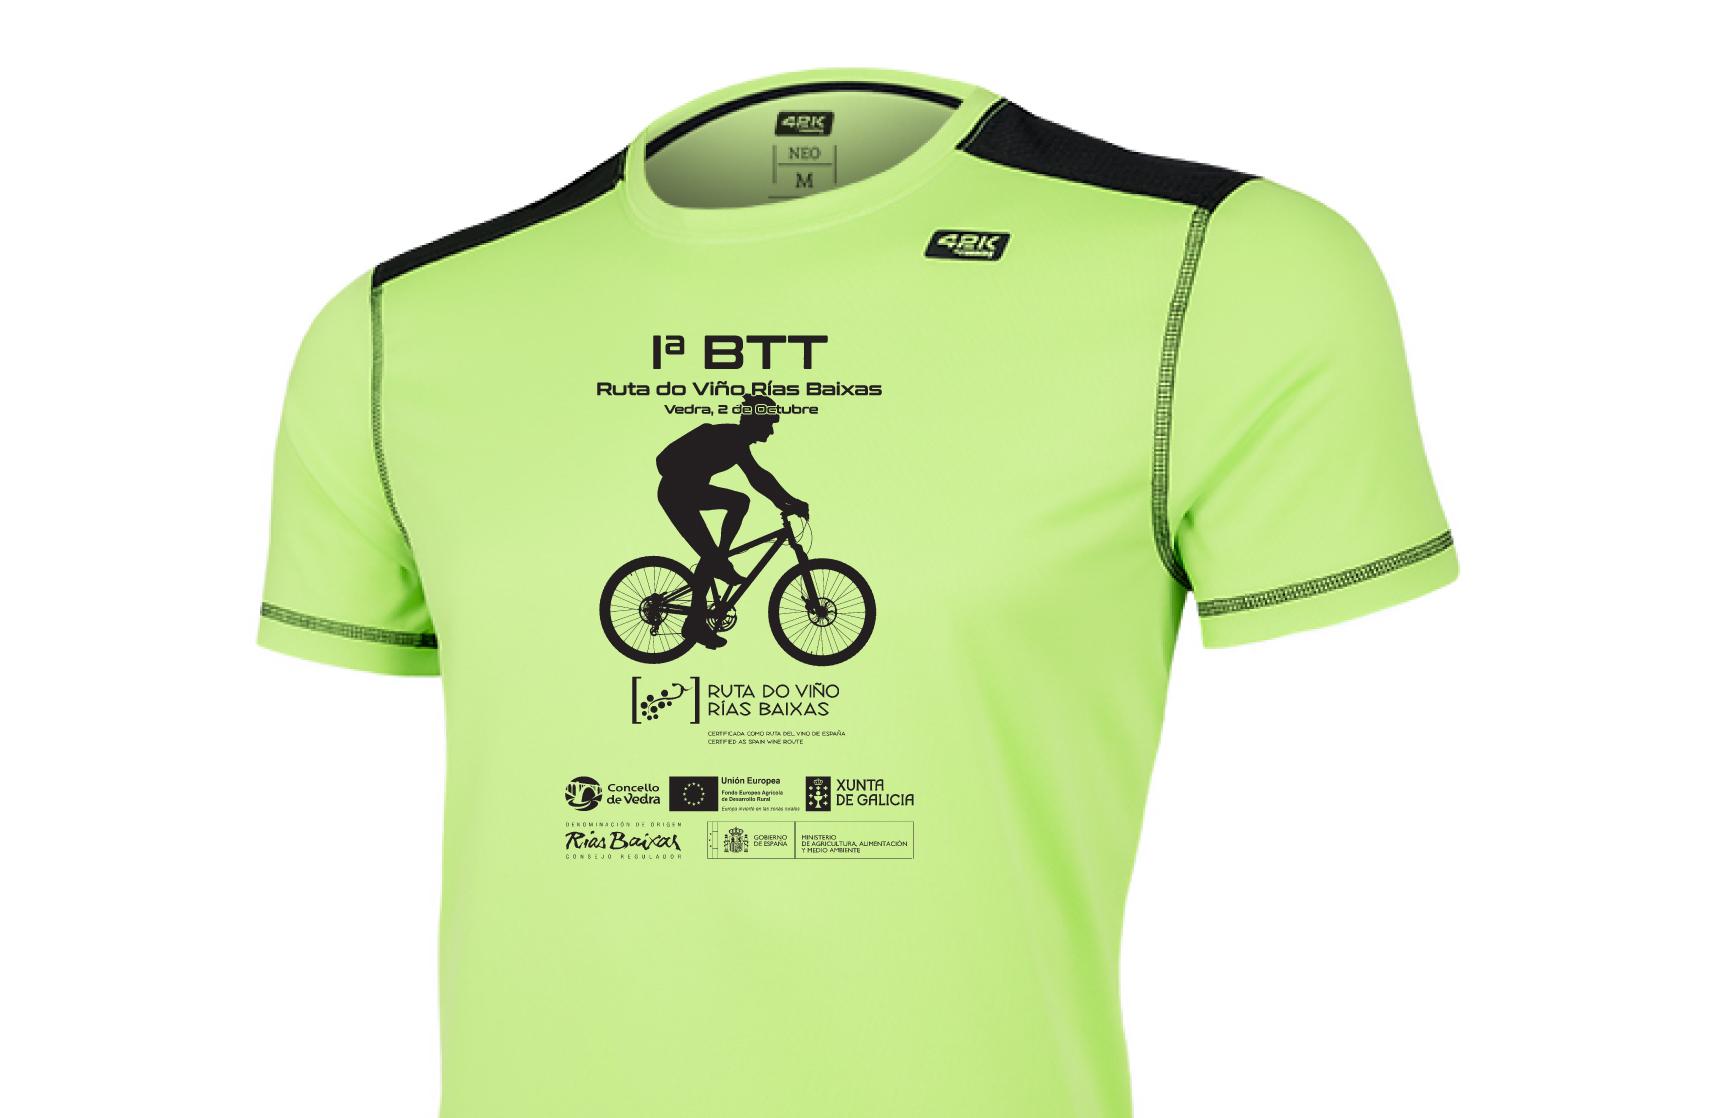 Los participantes en la 1ª BTT Ruta do Viño Rías Baixas se llevarán una botella de vino Rías Baixas y una camiseta técnica de regalo